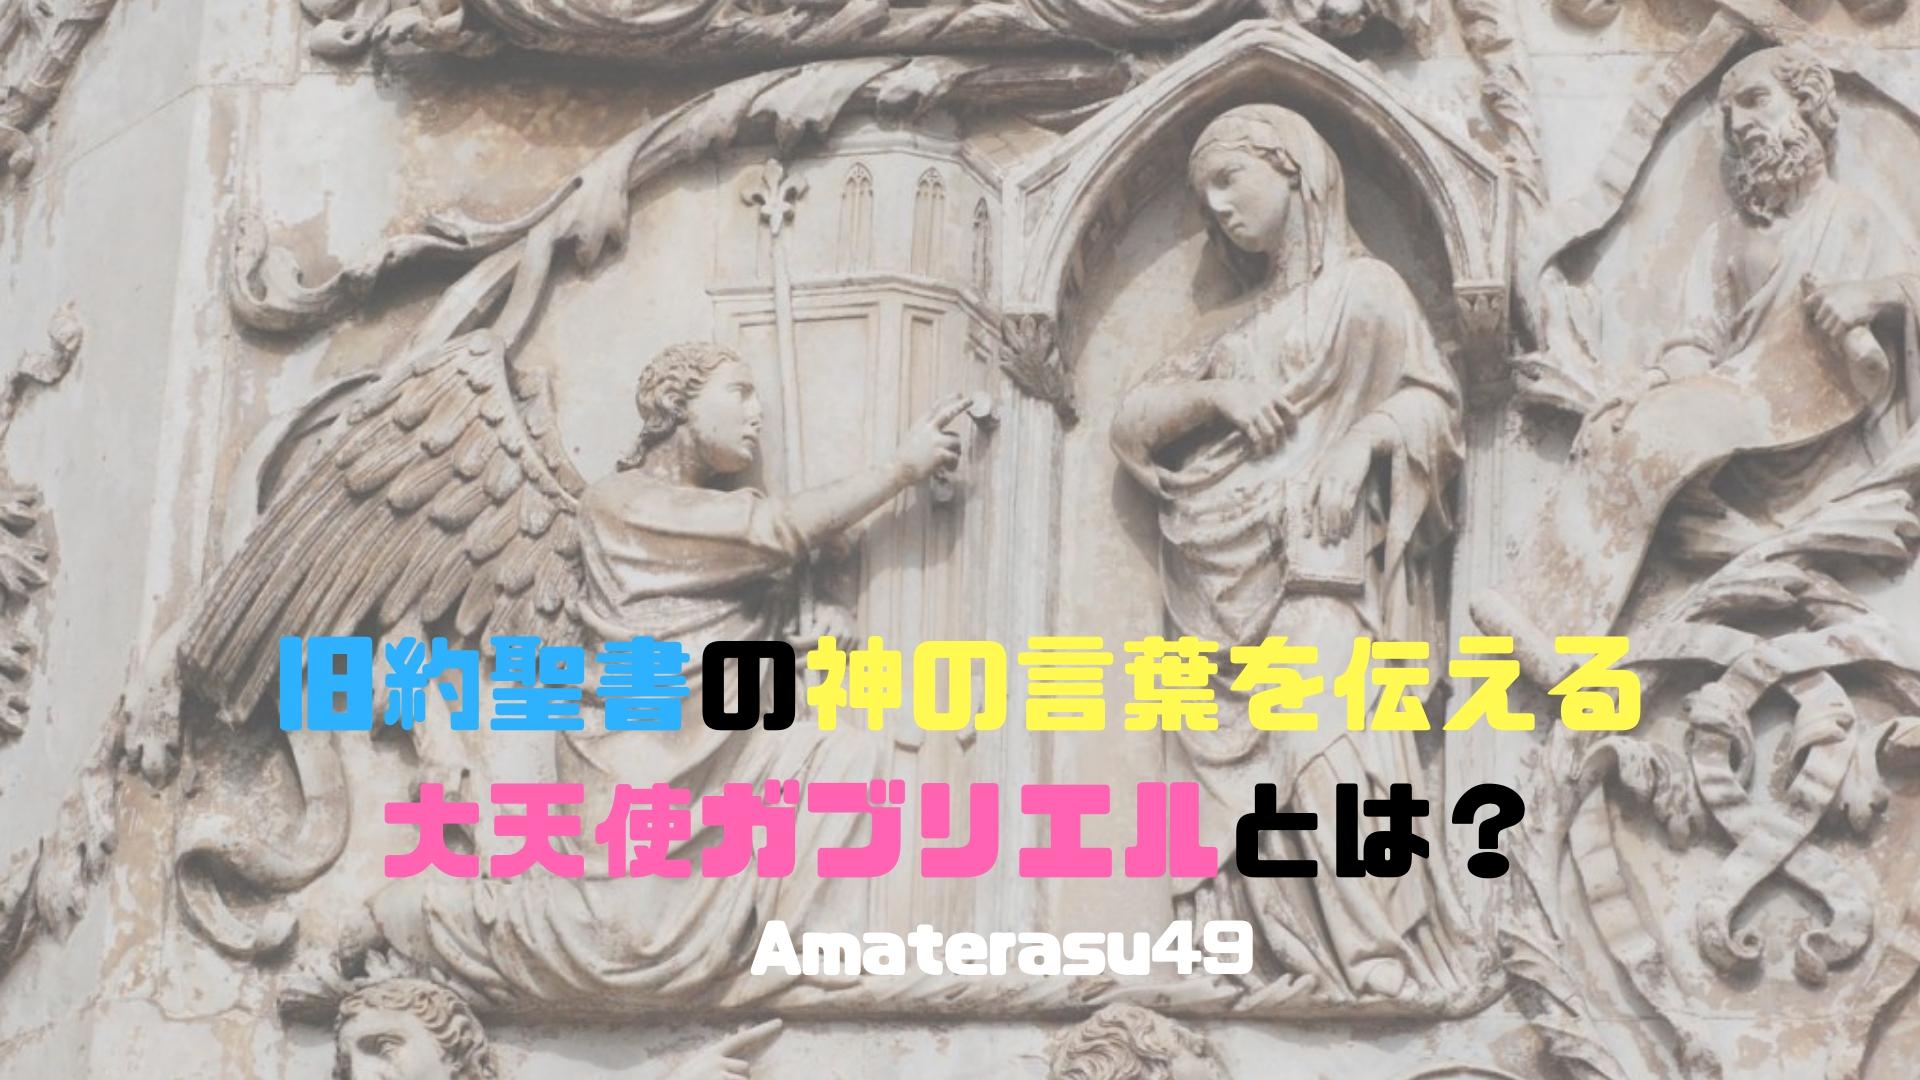 大天使ガブリエルとは?旧約聖書の神の言葉を伝える天使について知ろう